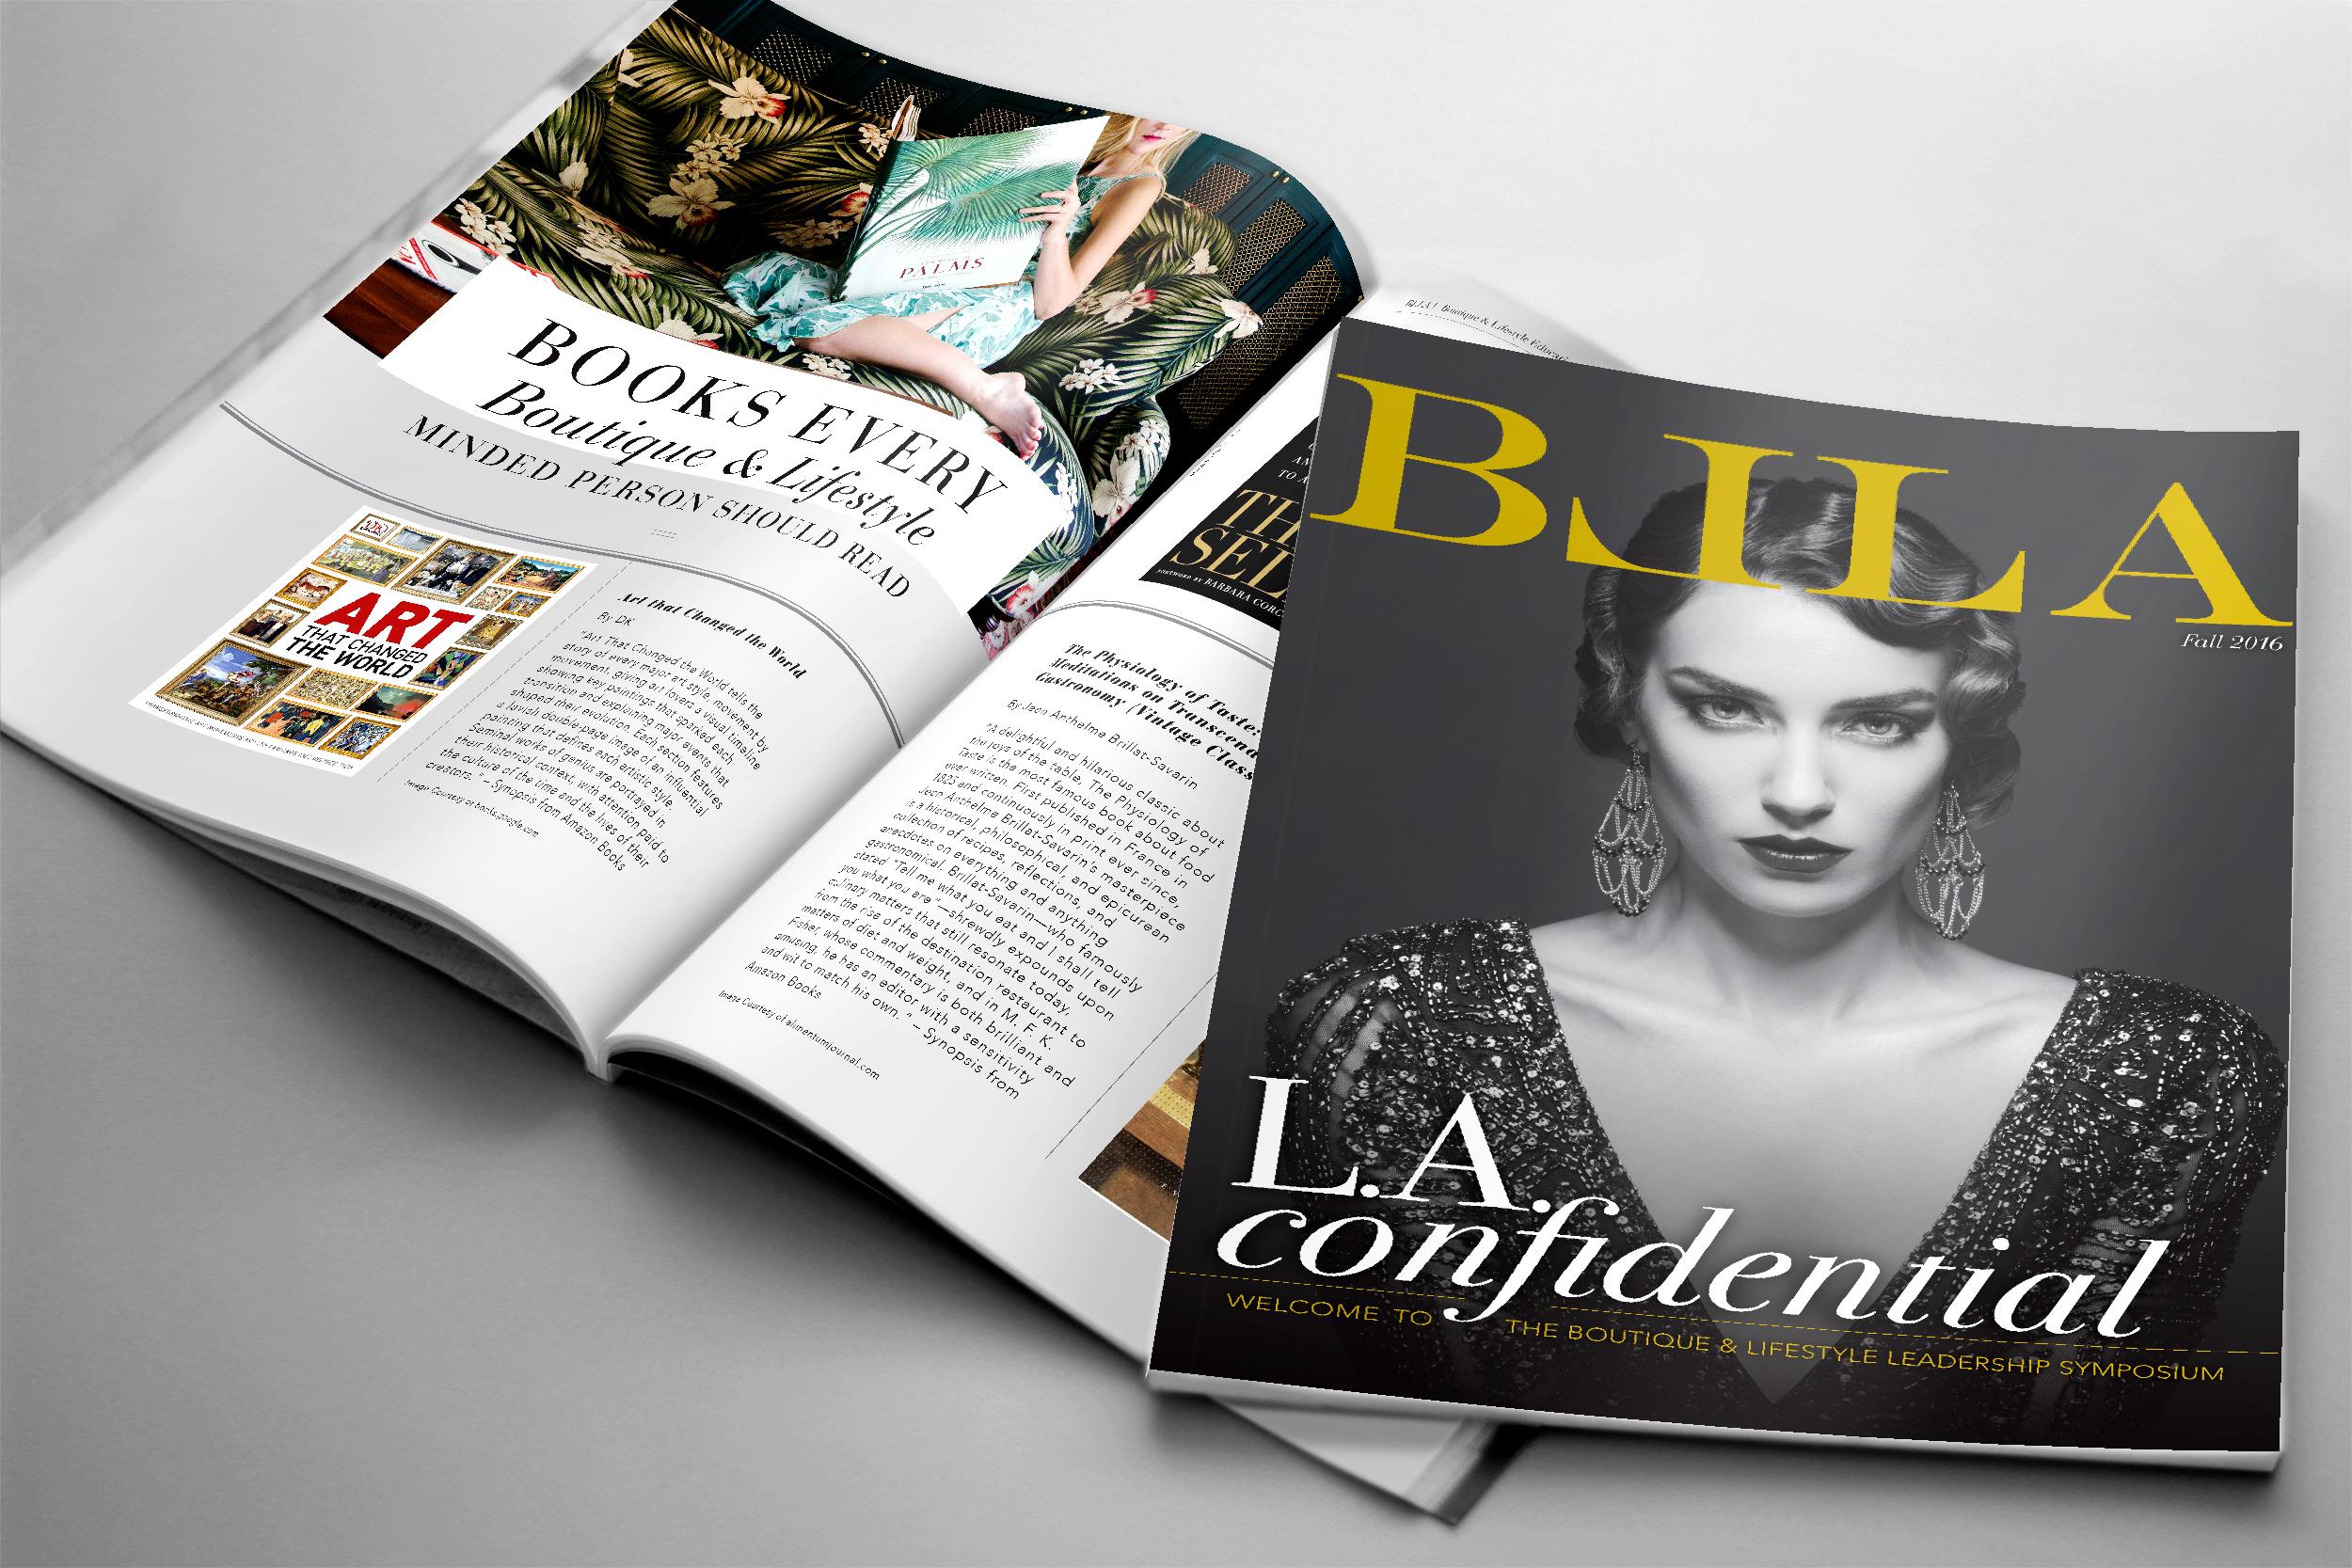 BLLA_MagazineMockUp.jpg